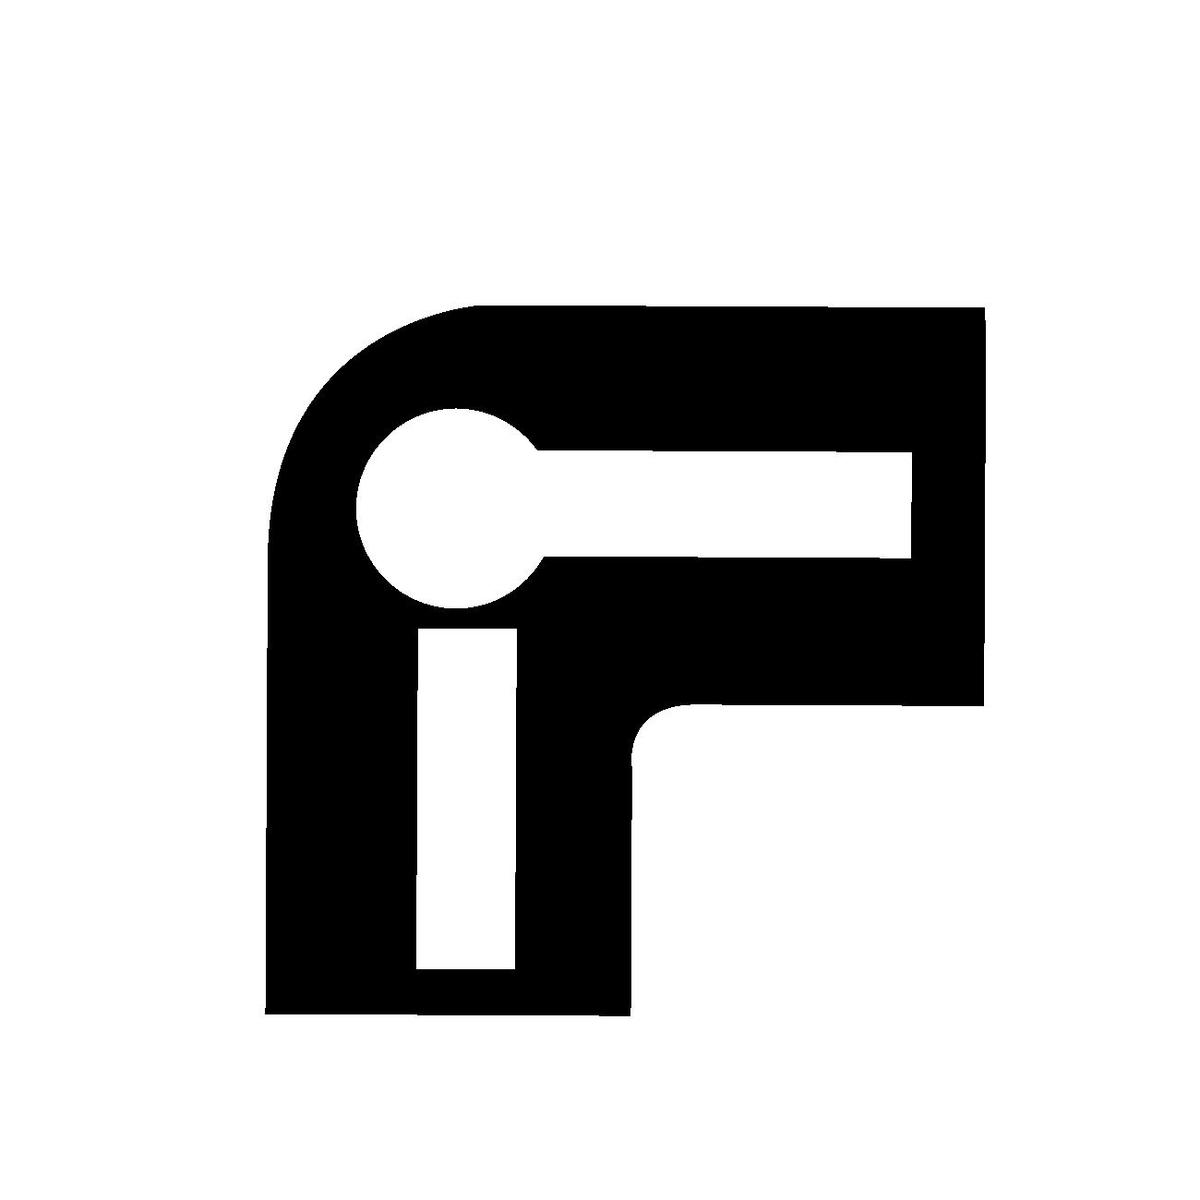 f:id:rehatree:20201121100516j:plain